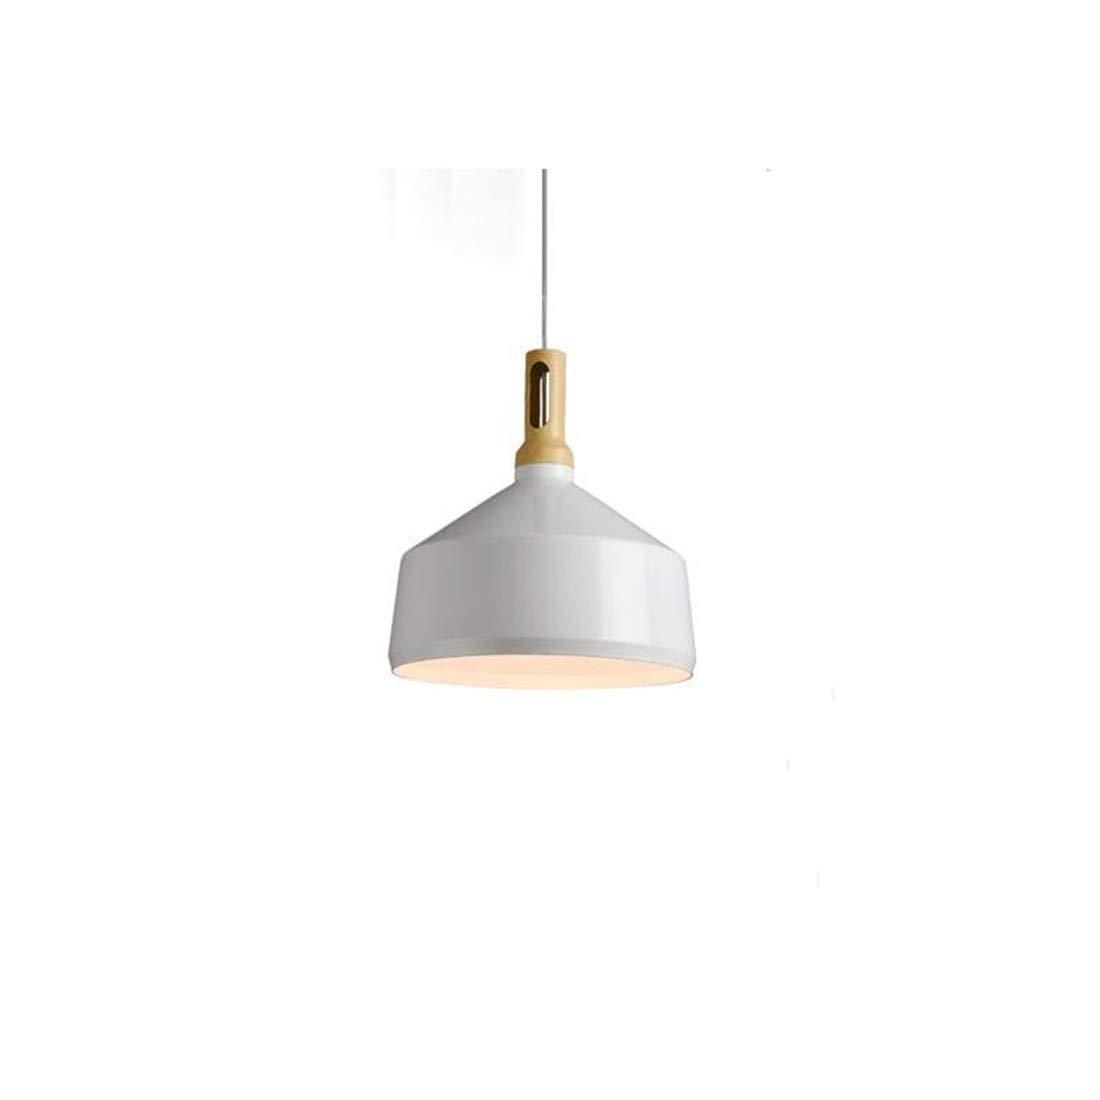 Moderne Kronleuchter Scheinwerfer Nordic Moderne weiße Eisen Pendelleuchte Persönlichkeit E27 1-Light Metall Hängelampe